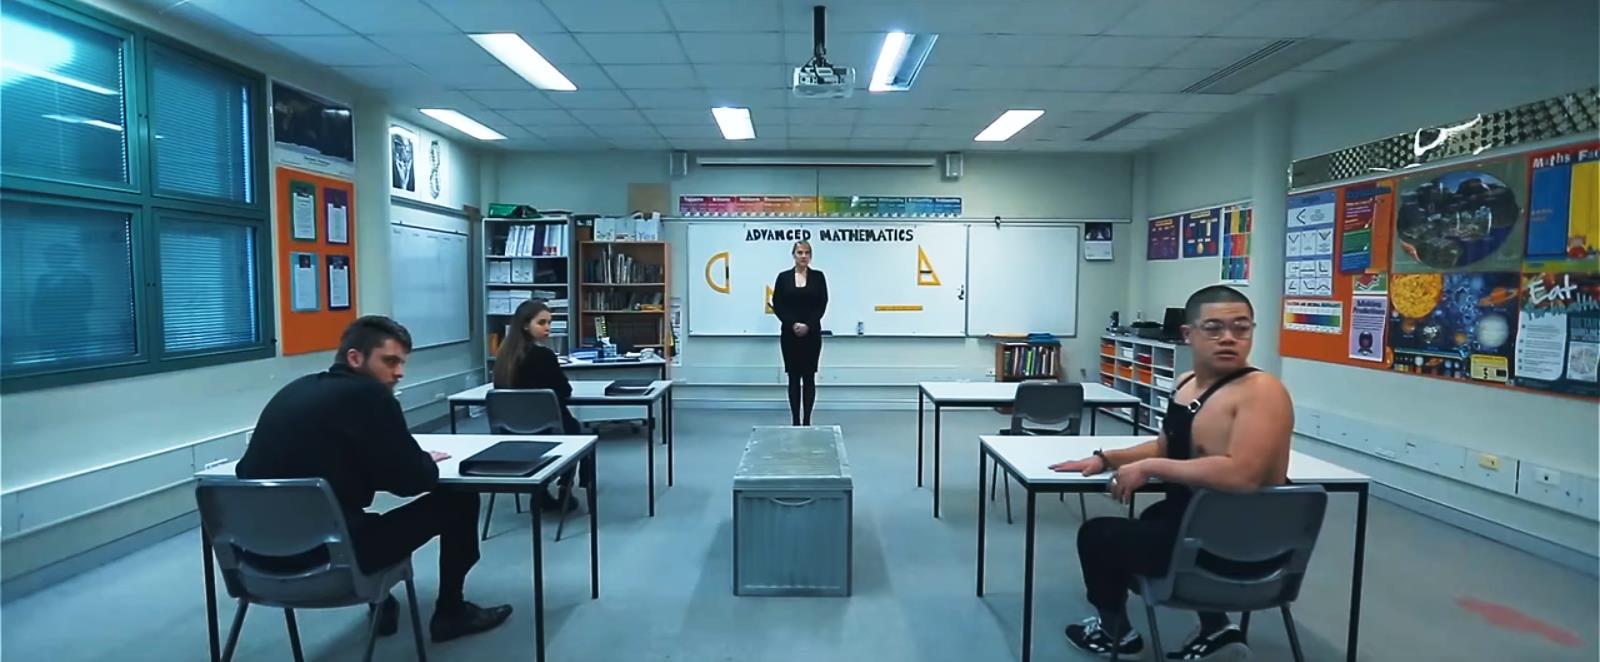 Новичок приходит в старший класс на урок математики и запинается о странный, похожий на гроб ящик